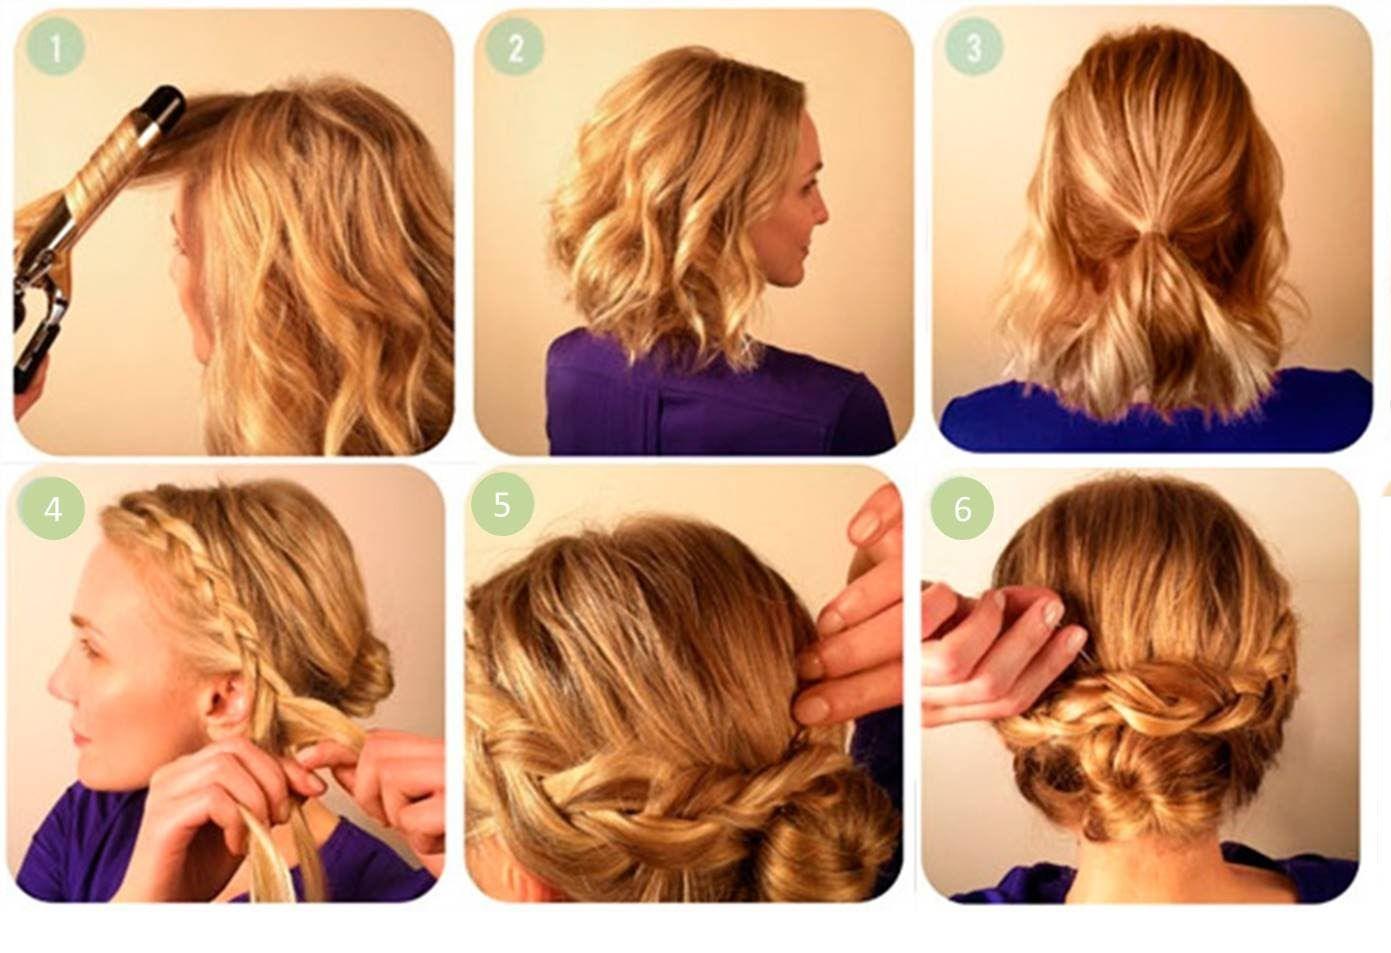 Peinados para cabello corto paso a paso, Peinados faciles para cabello c